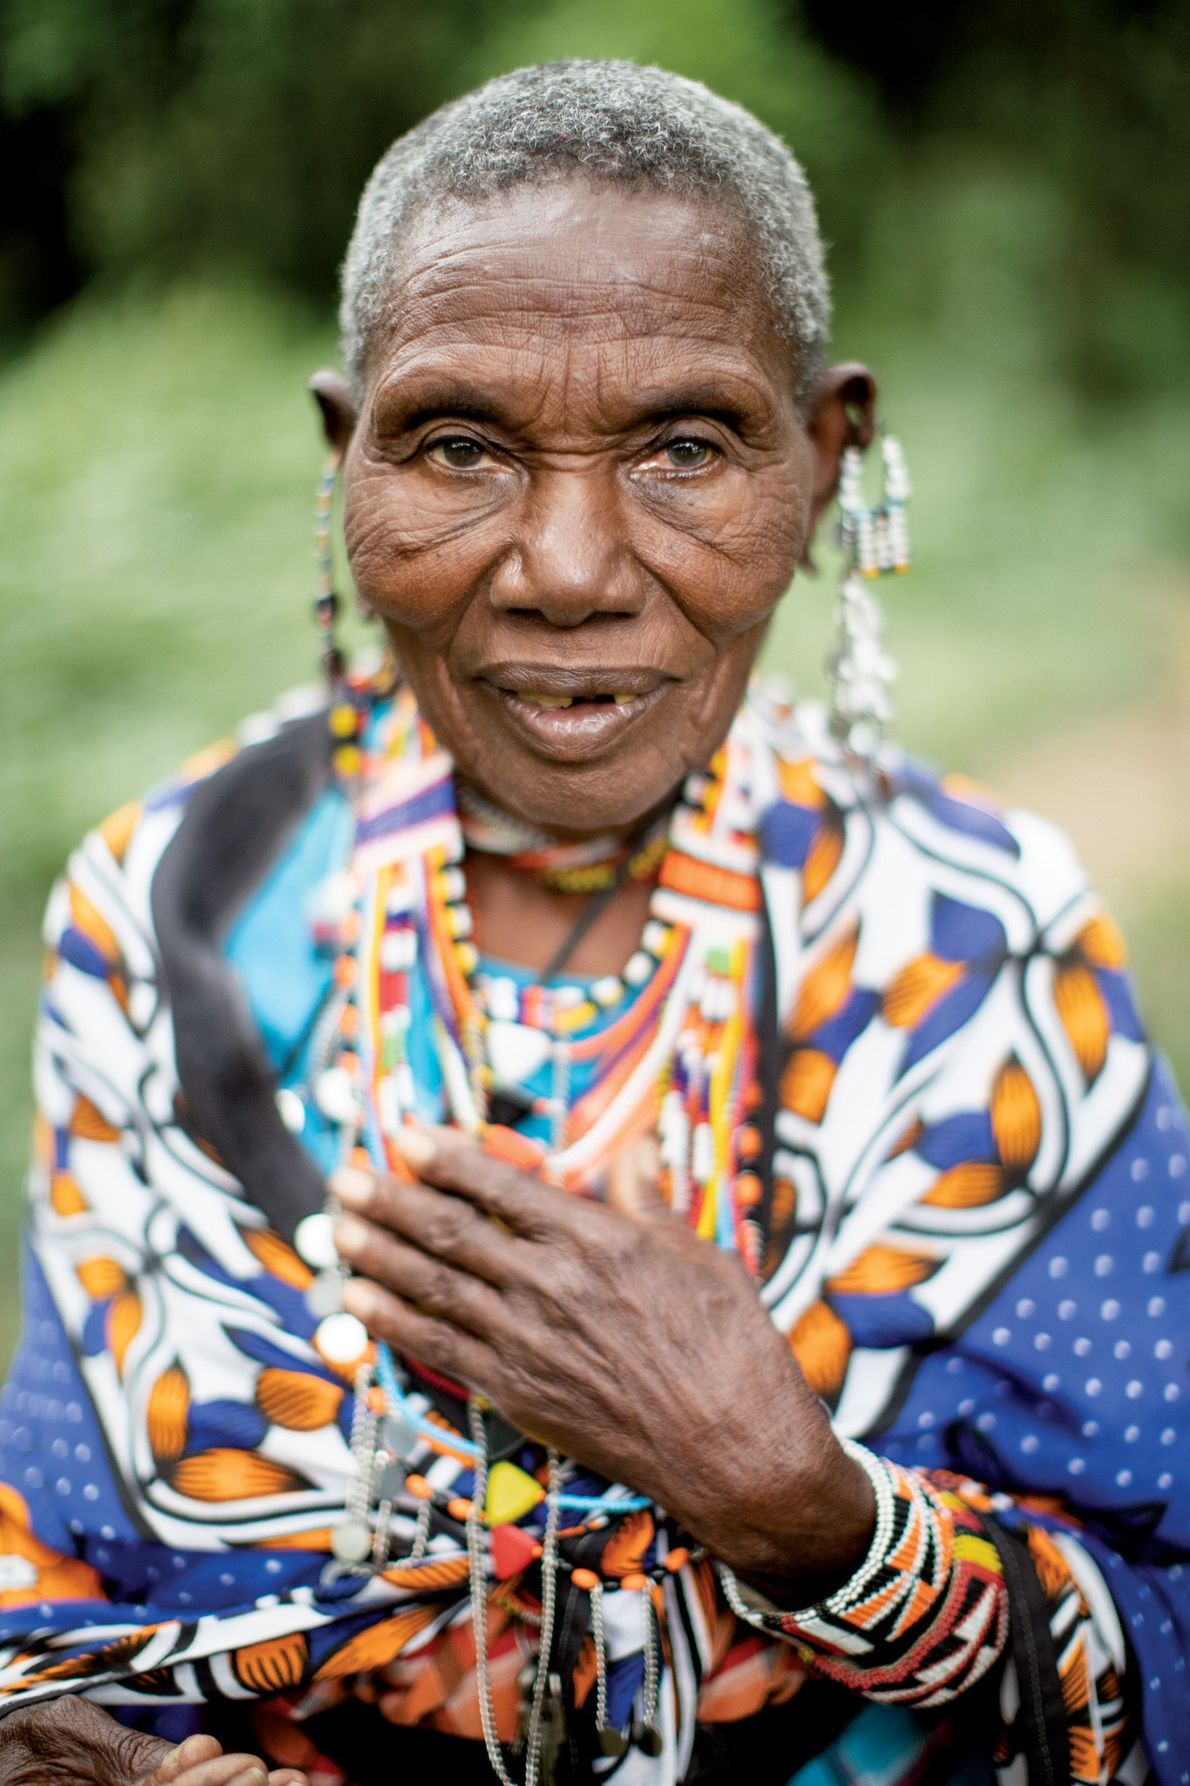 No Quénia, as iniciativas geridas por mulheres são uma das várias tendências em crescimento nos safaris. ...